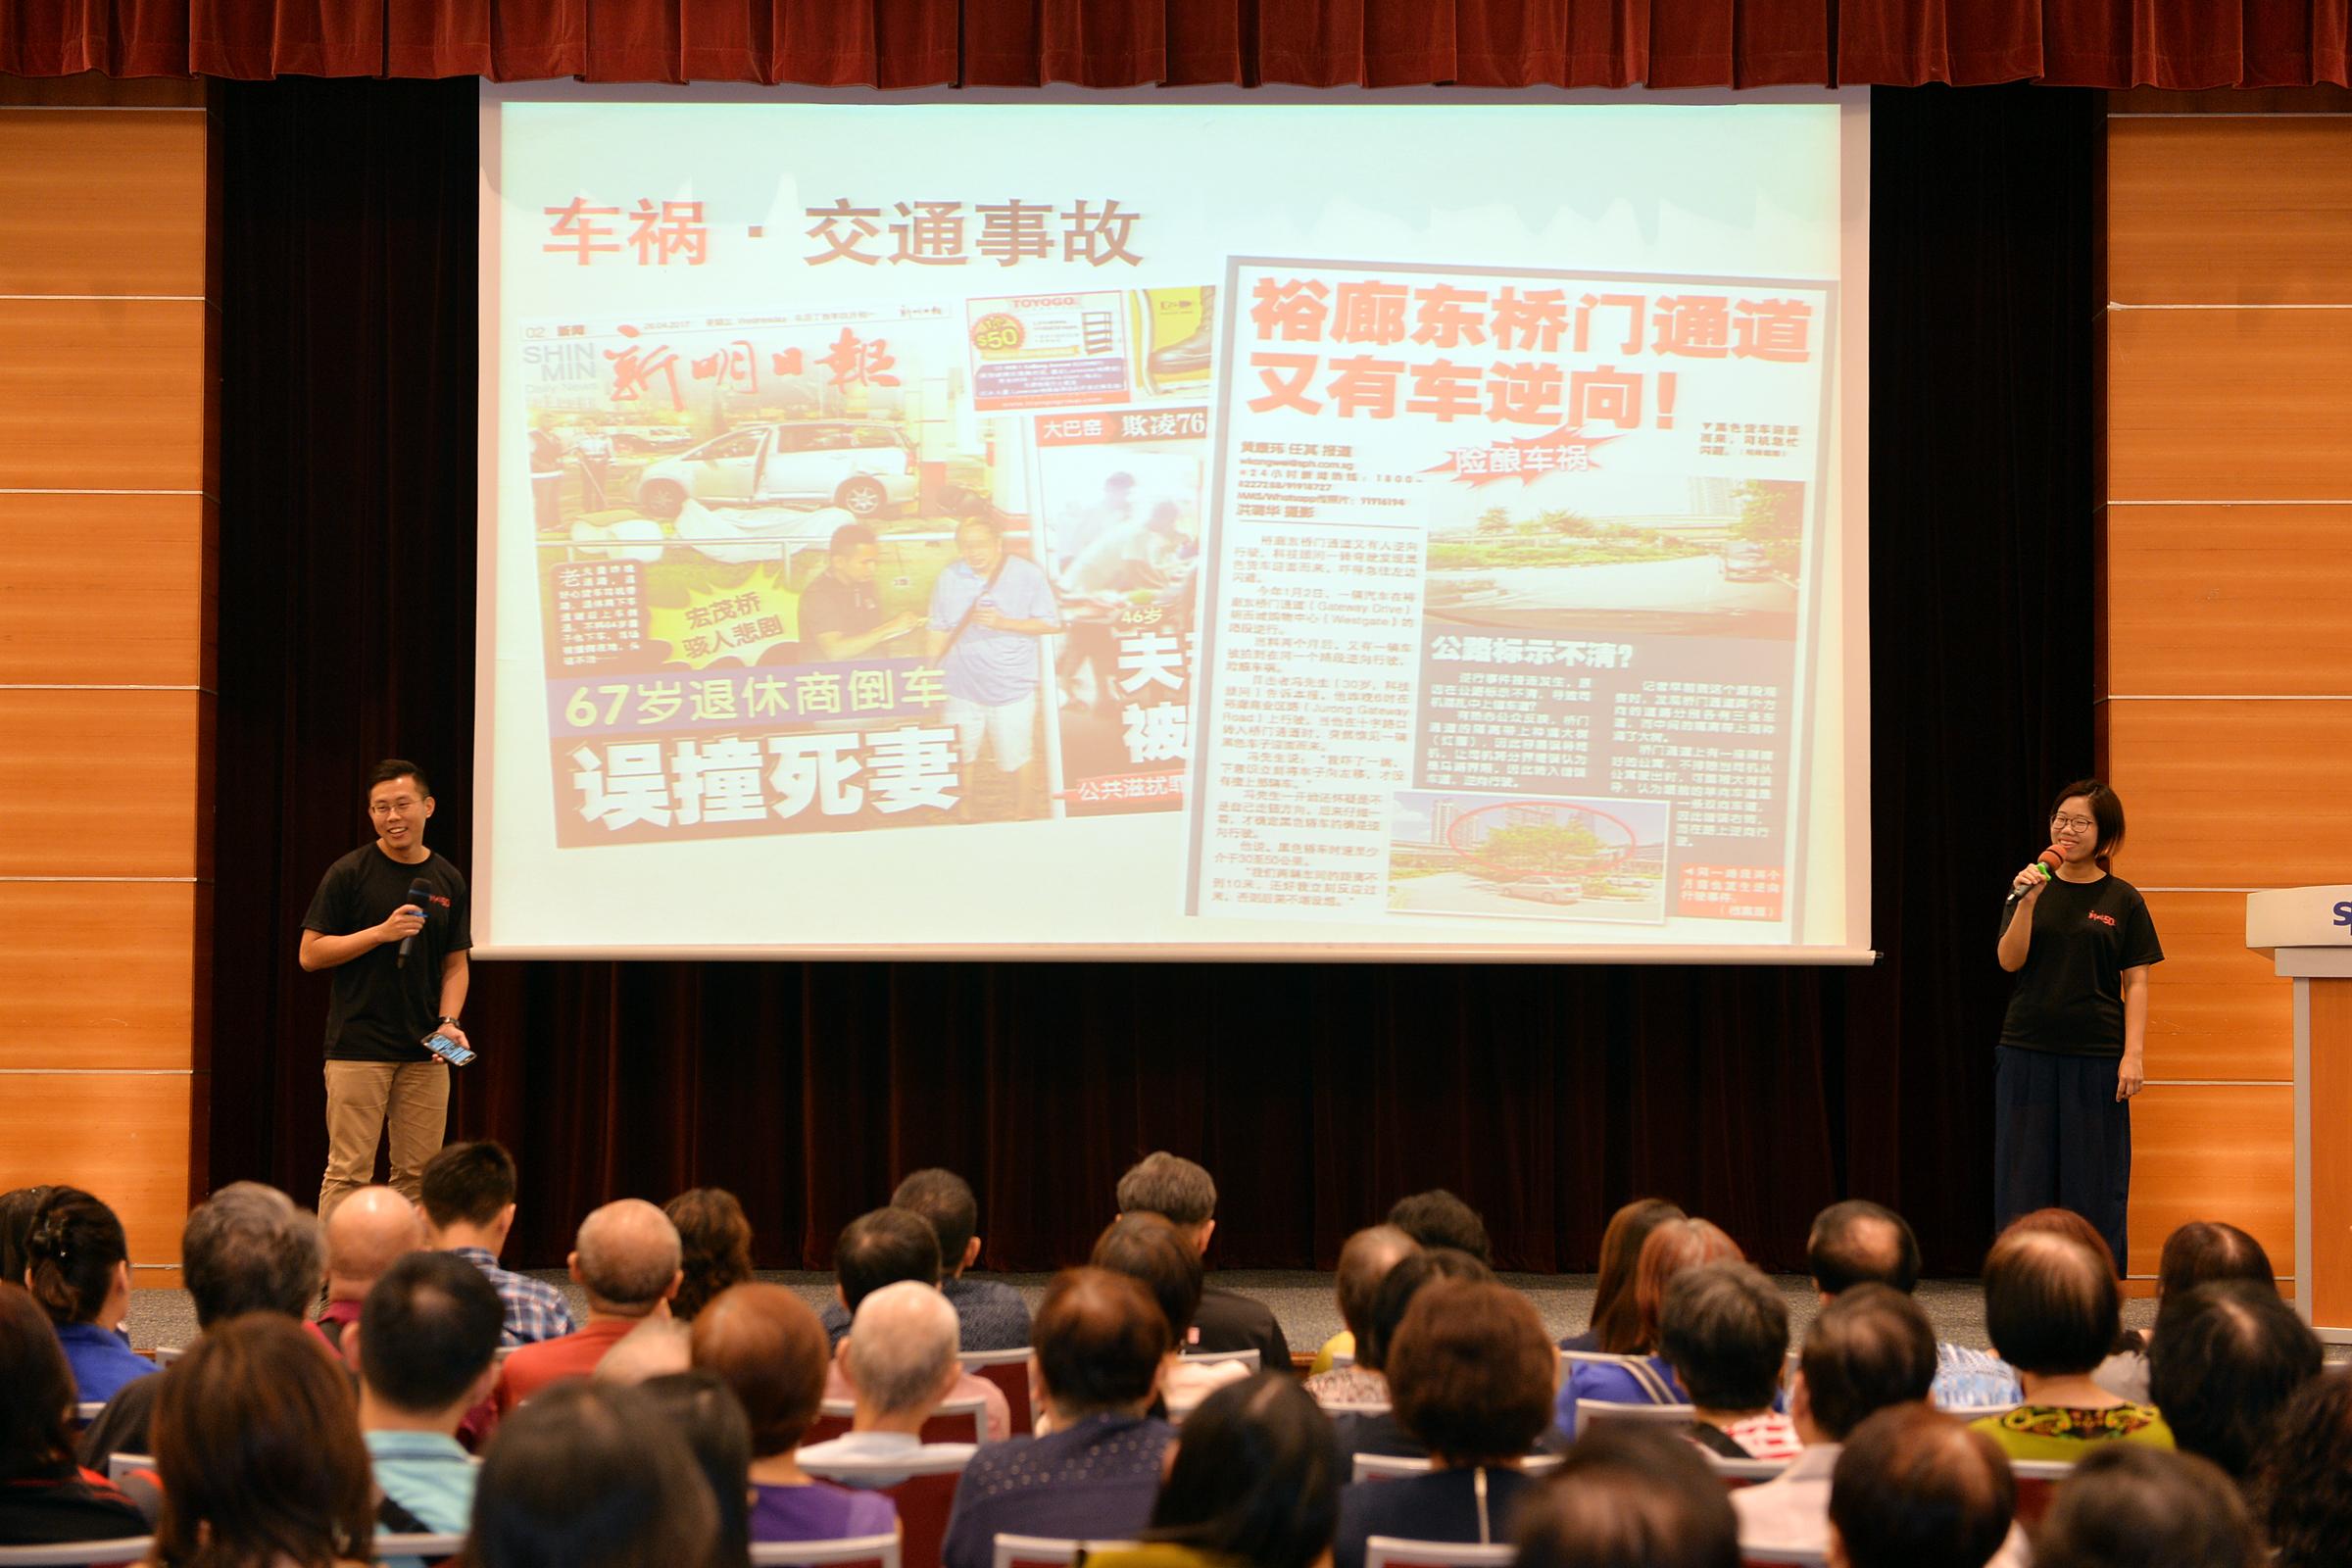 本报记者黄康玮和萧佳慧与读者分享新闻工作的点点滴滴。